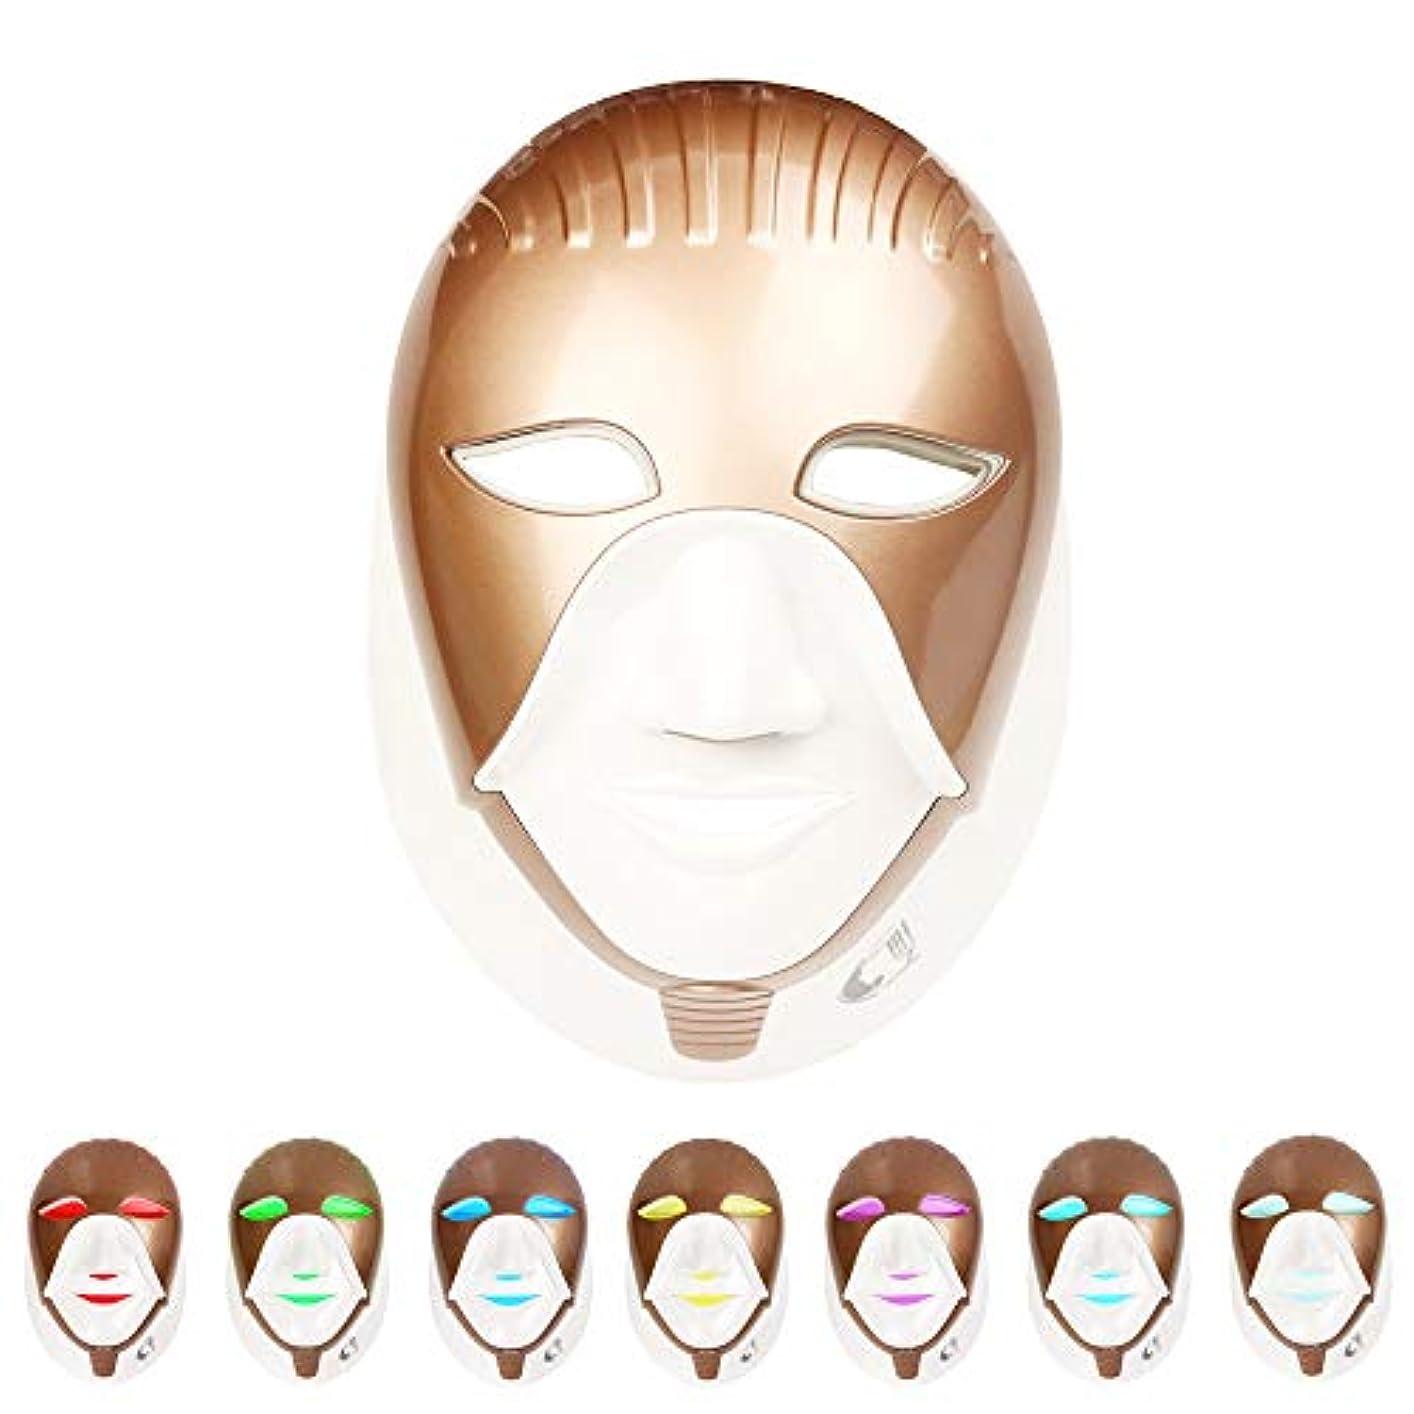 同一のホステル天皇スキンケア洗顔ネックはネックスパマスクしわにきび除去肌の若返りLEDフェイスマスク用充電式8色はフェイシャルマスクを主導しました